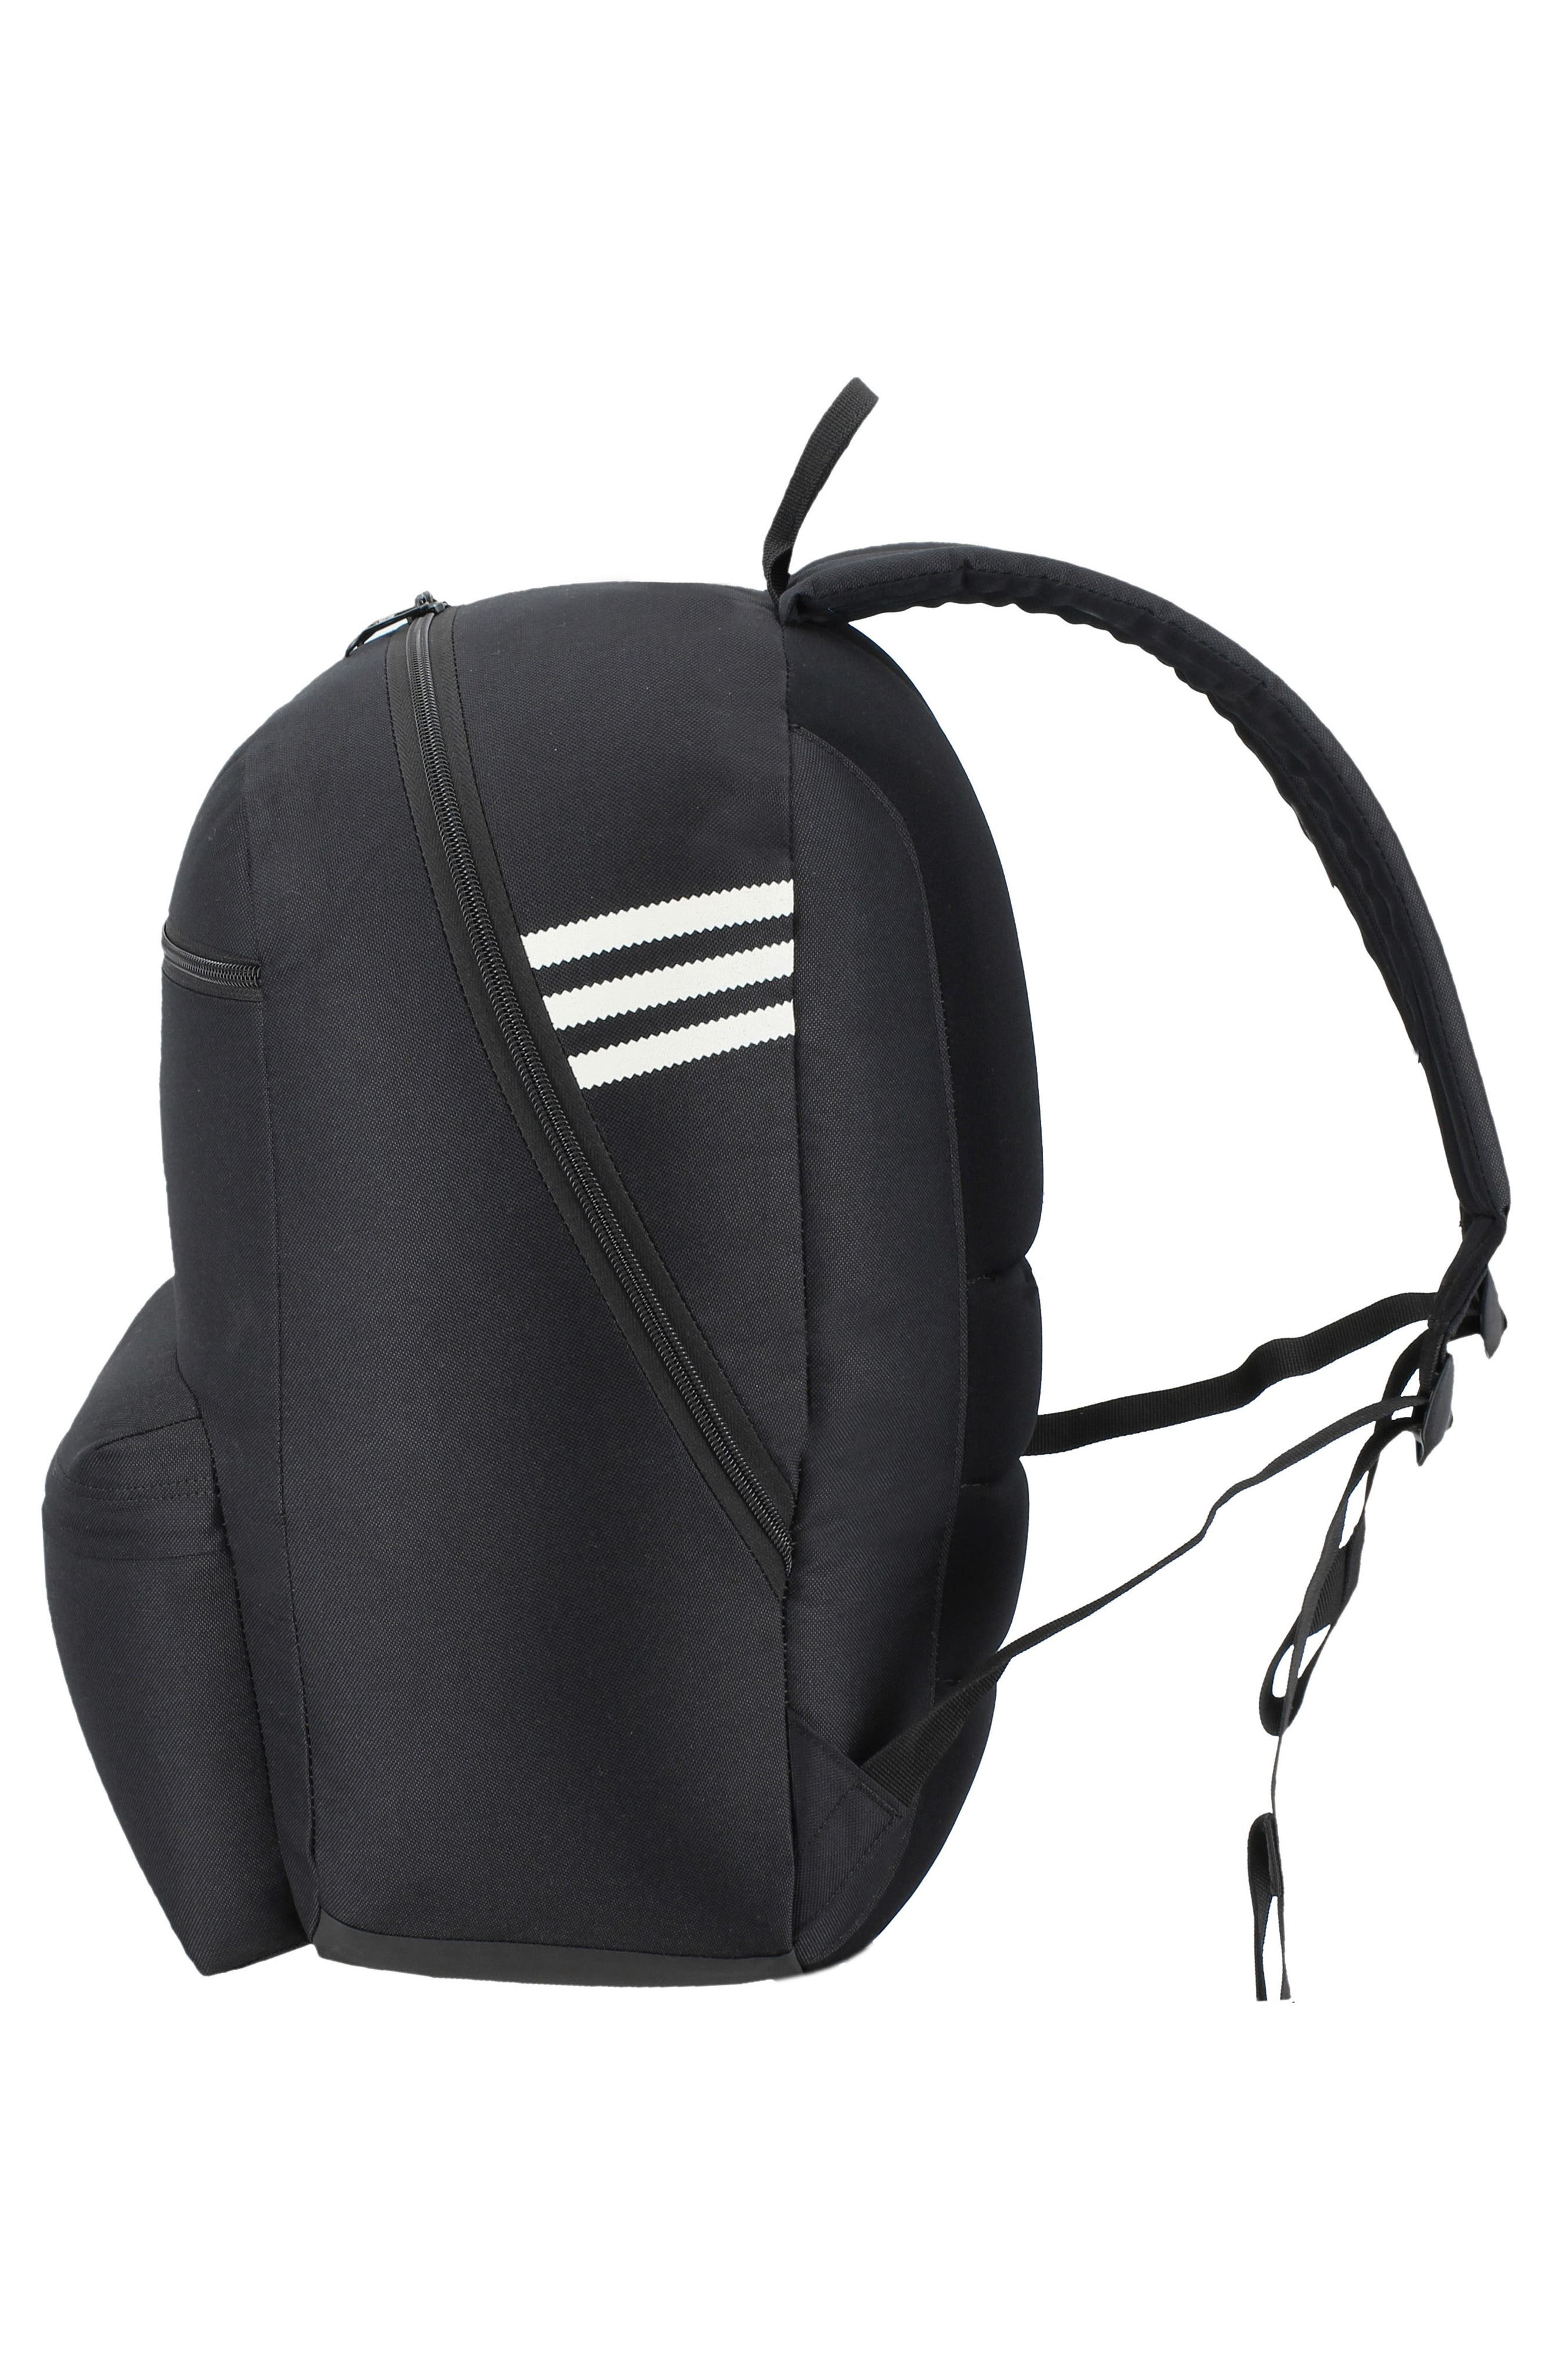 Nationals Backpack,                             Alternate thumbnail 5, color,                             Black